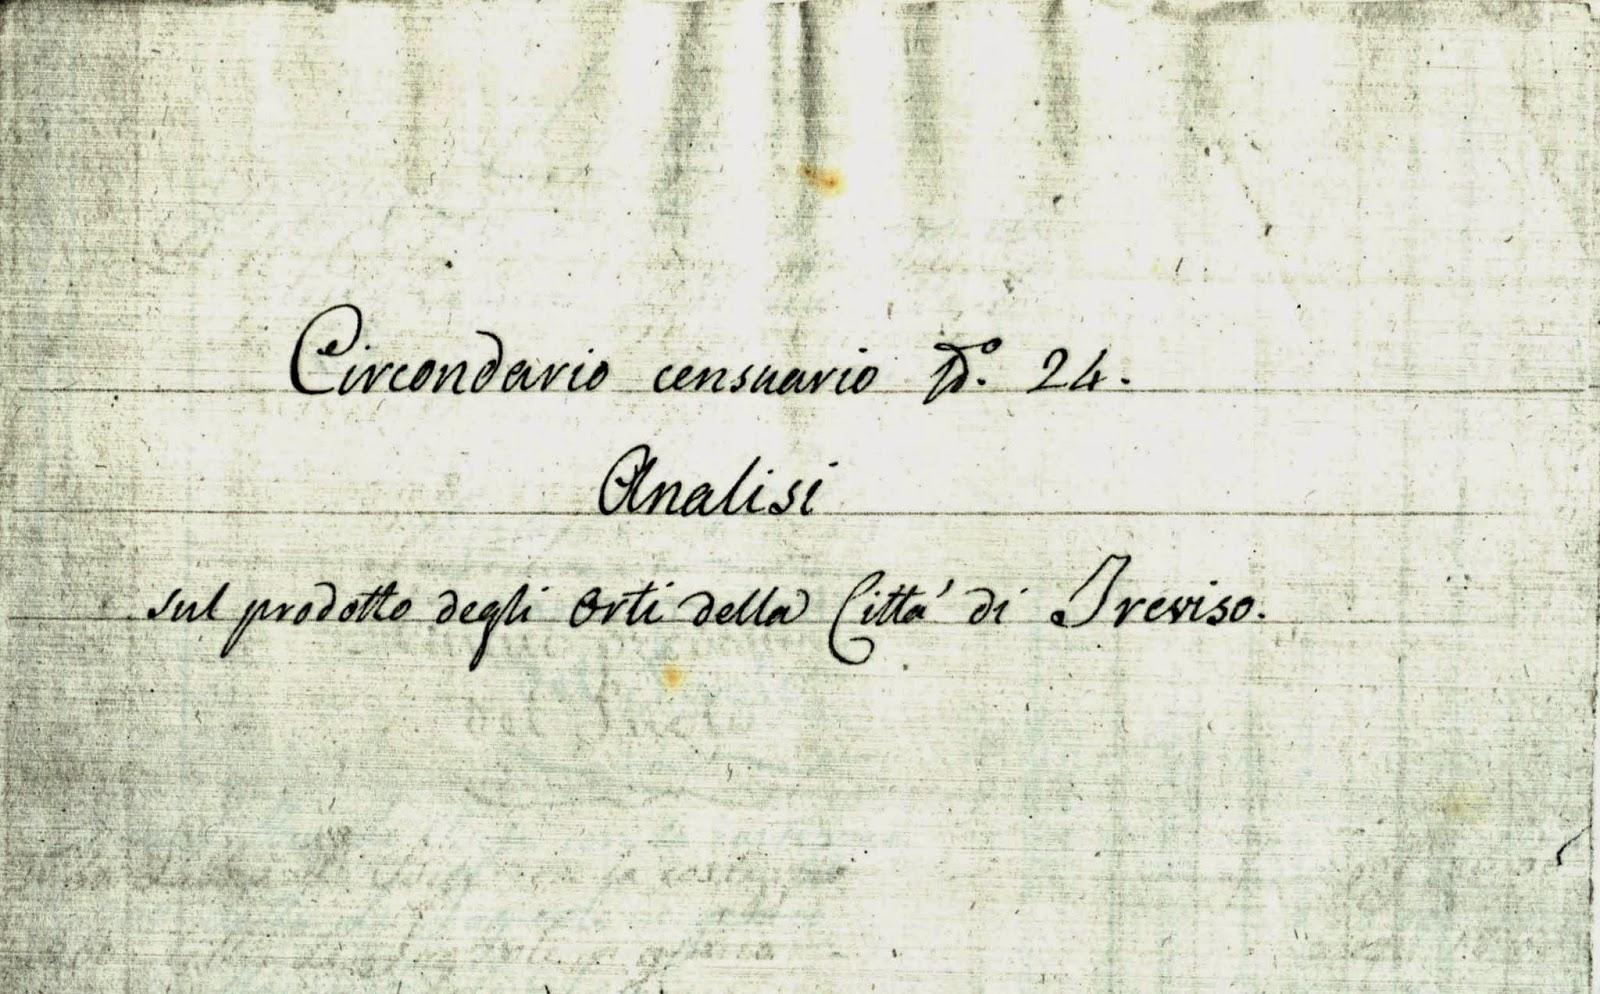 Radicchio rosso di treviso orti urbani a treviso nel 1826 - Produzione mobilifici treviso ...